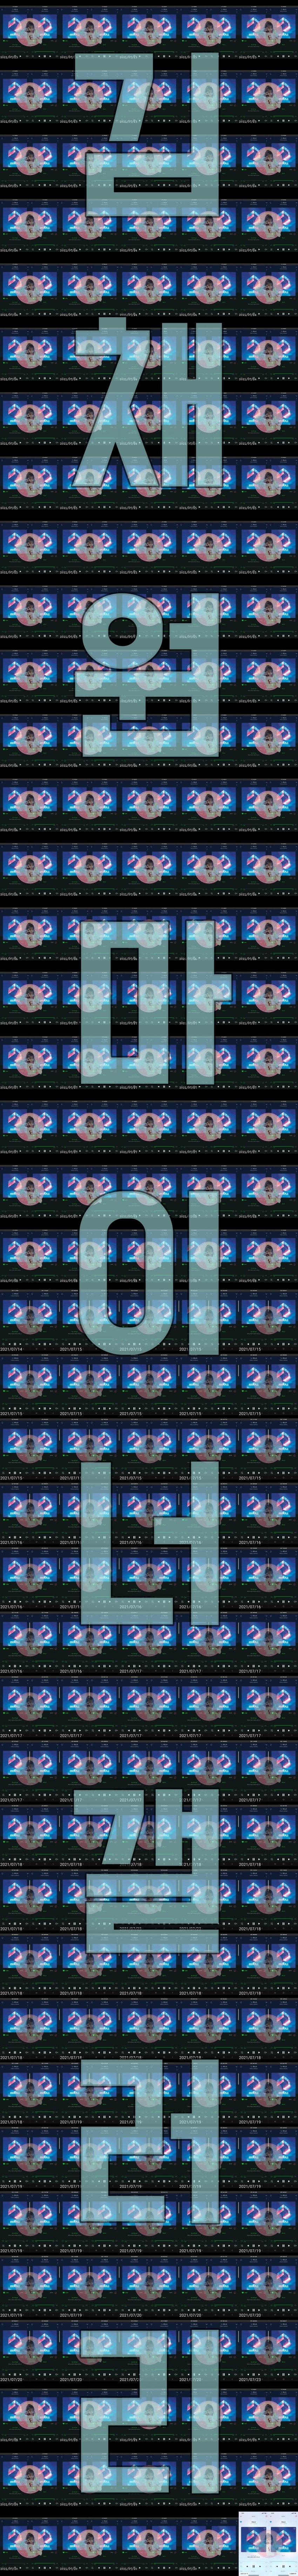 viewimage.php?id=3eb2de22eadc3fb677b0&no=24b0d769e1d32ca73deb86fa11d02831d16706cea37200d6da9182798772dc63b5e292d648680031e7f8712902be60a6d0693a830eee162530c8761ac6b5e4d53963e7ab8756bf2b04f5df511af7be708393209865d3d25ee5fdaed7cd10cac1c1496a8c4ddf73540b068bf8db